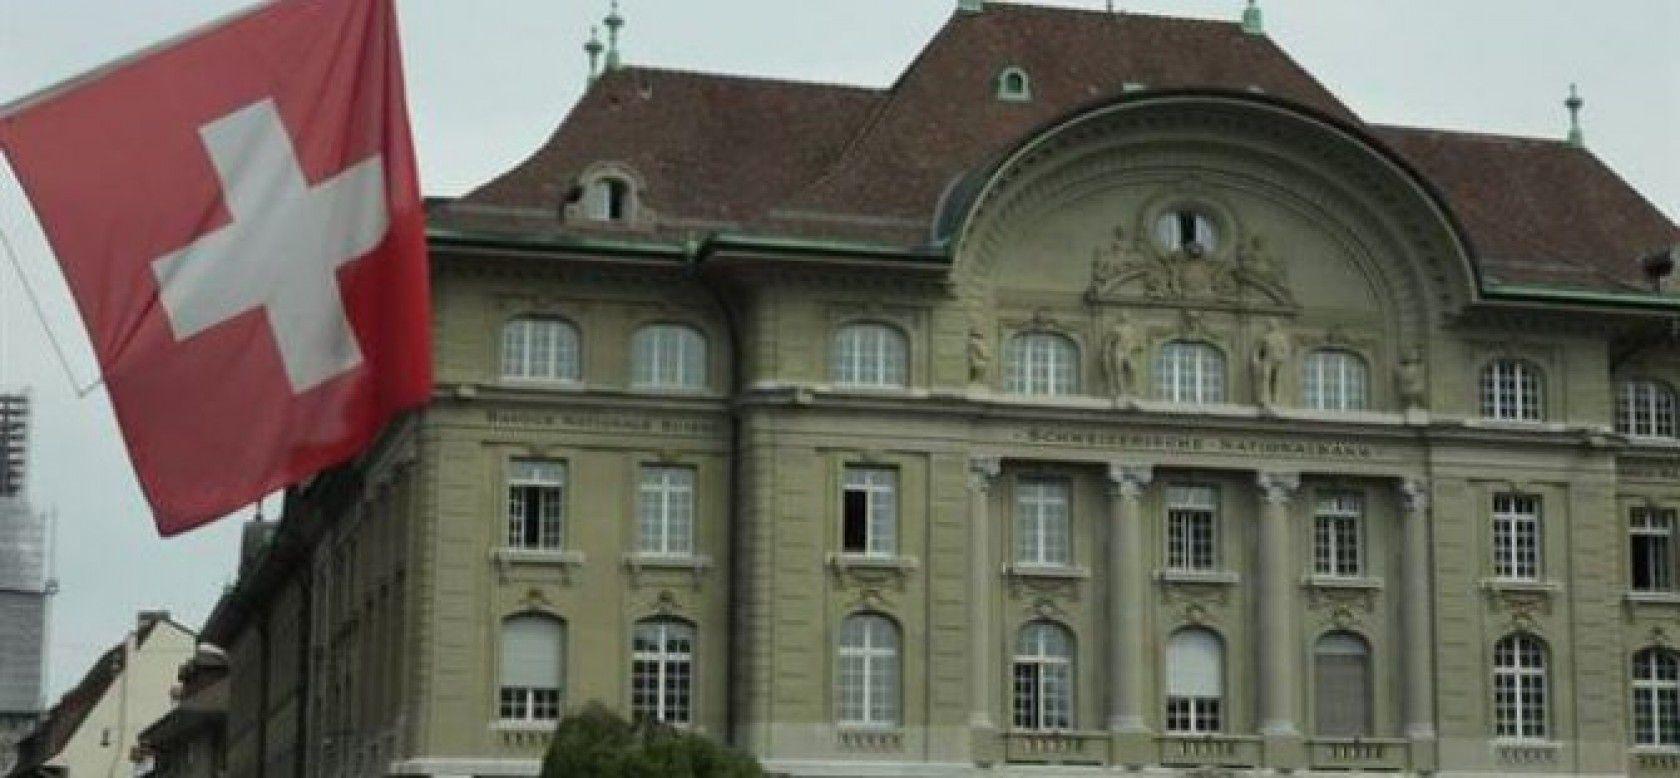 İsviçre'de Lise Eğitim Bütçesini Daha Hesaplı Kullanabilmek İçin 5 Taktik Nelerdir?